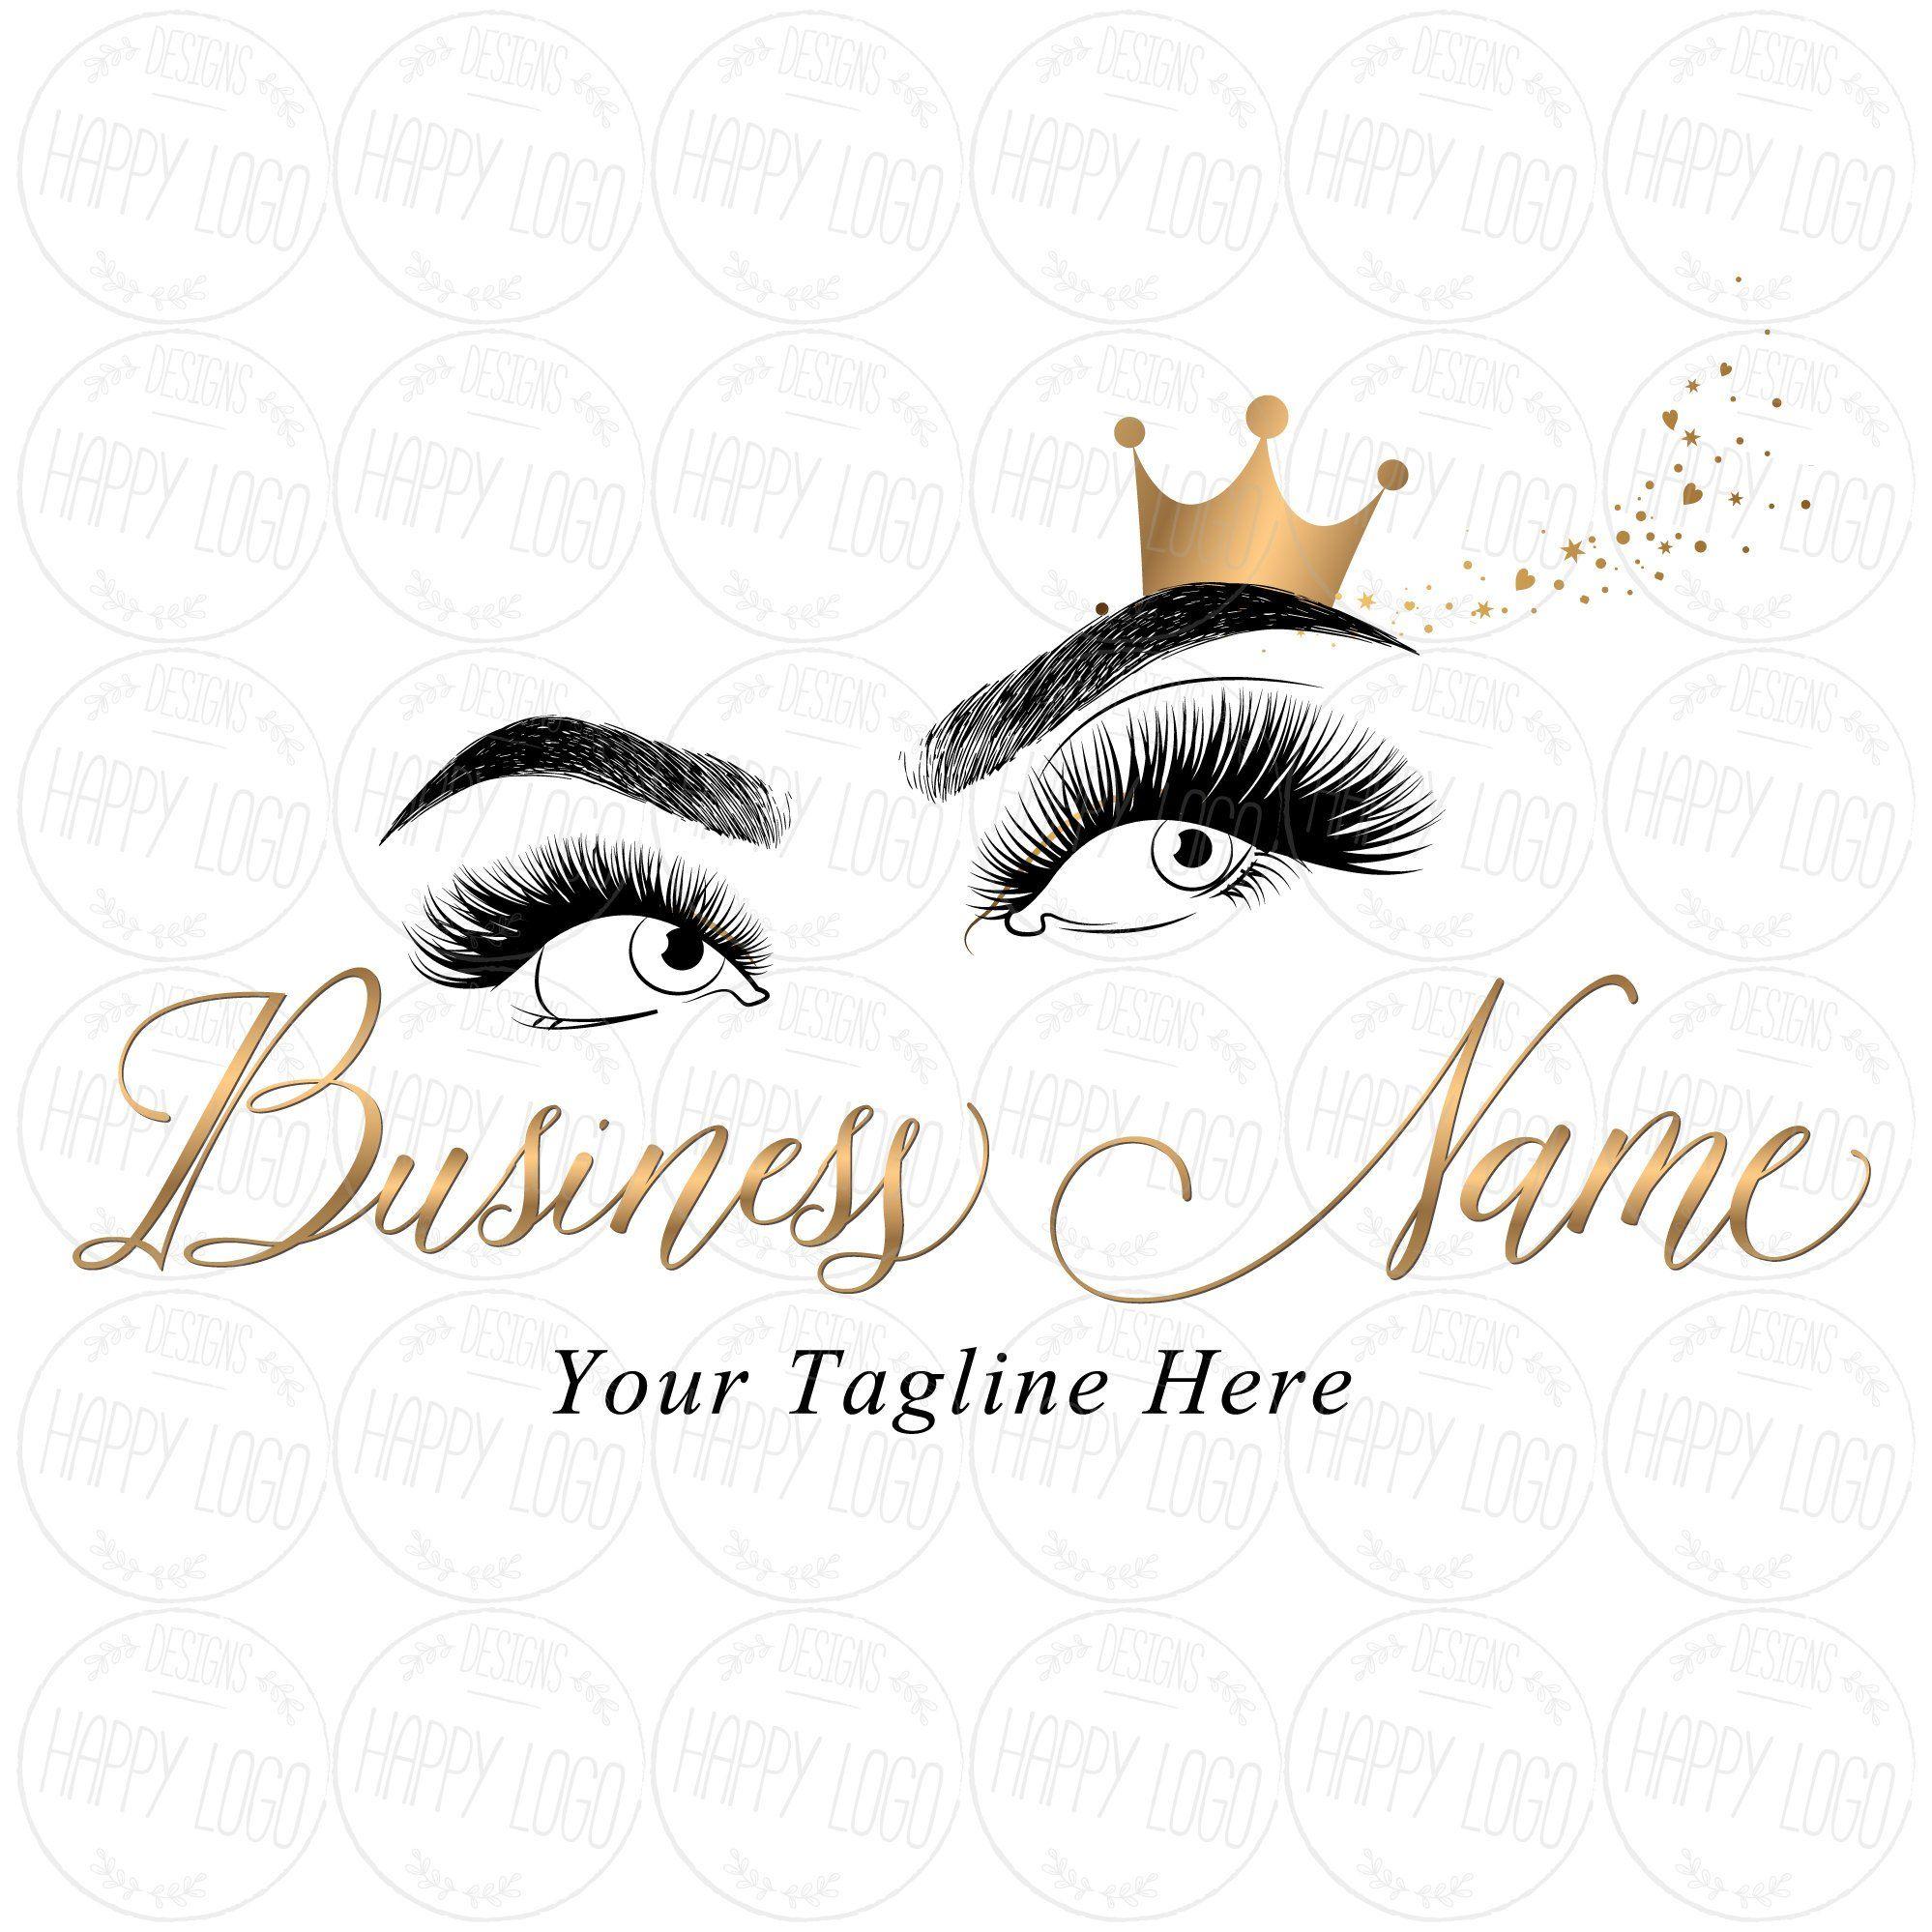 Diseño de logotipo digital personalizado logotipo de